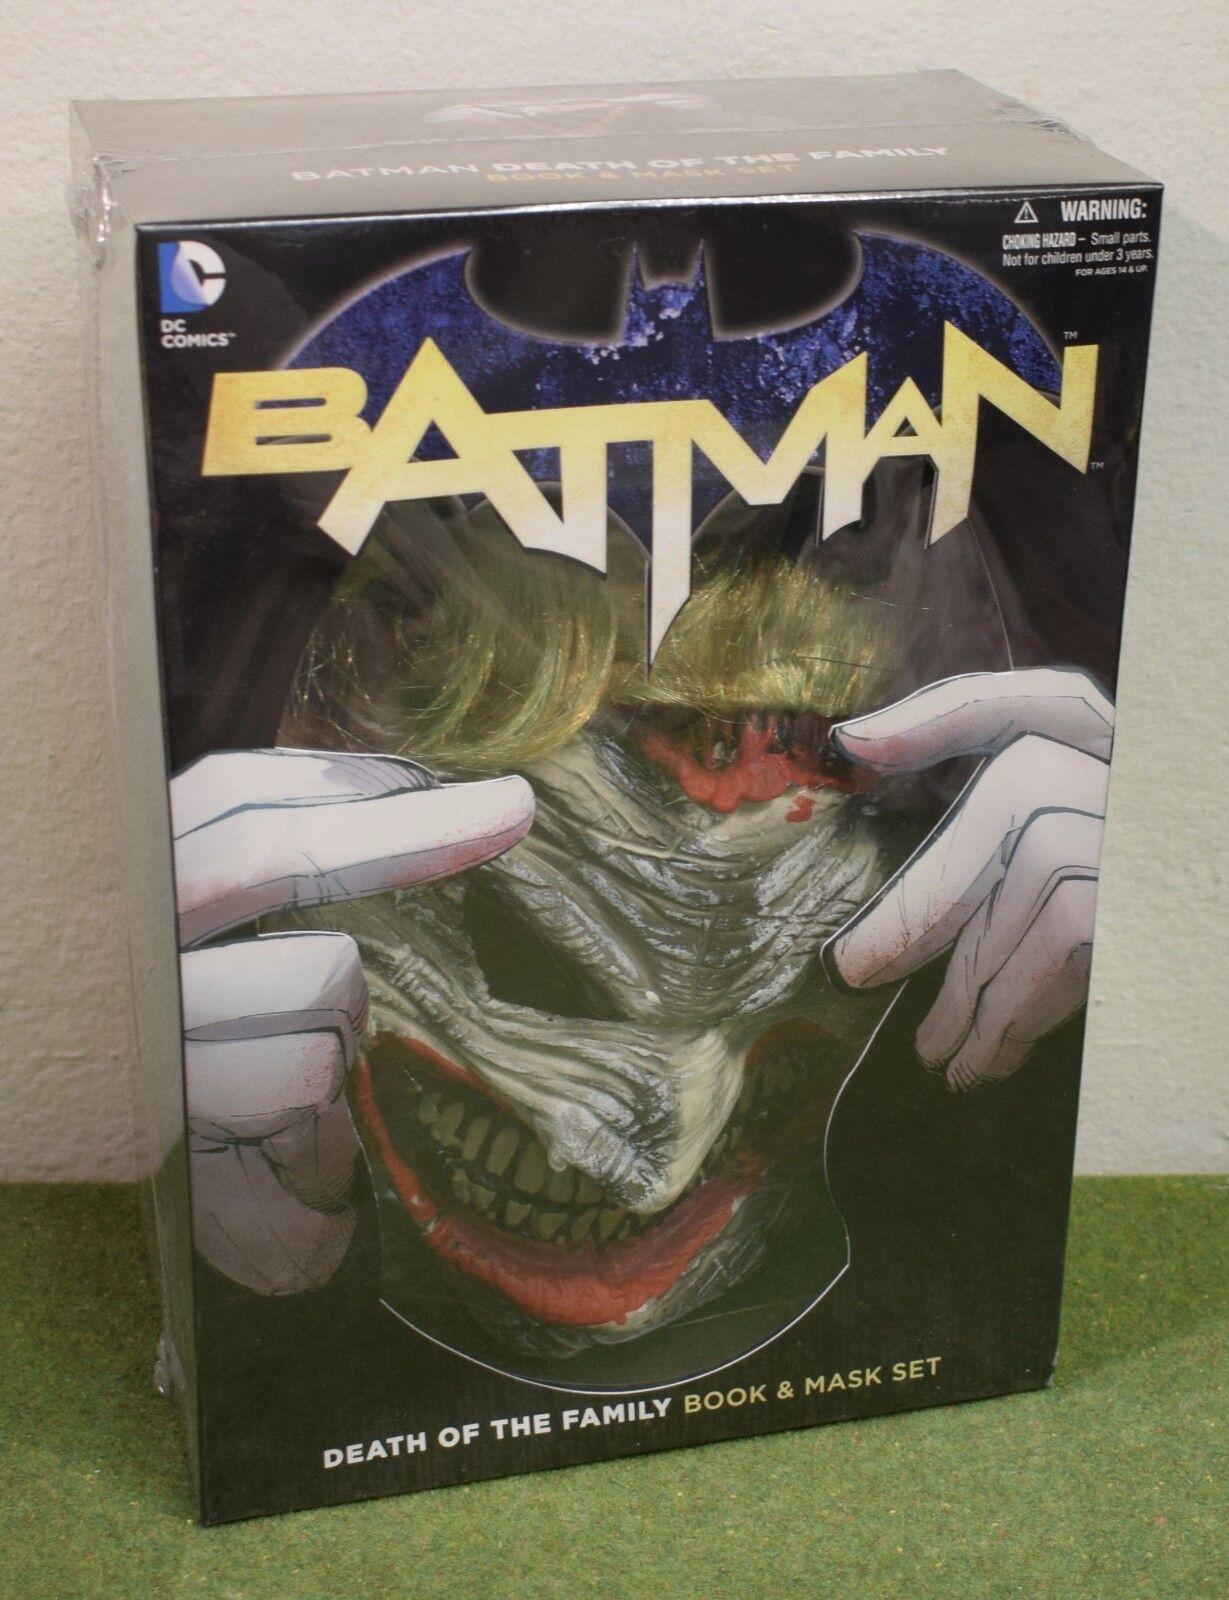 DC Comics Batman Muerte del libro de familia y conjunto de másCochea